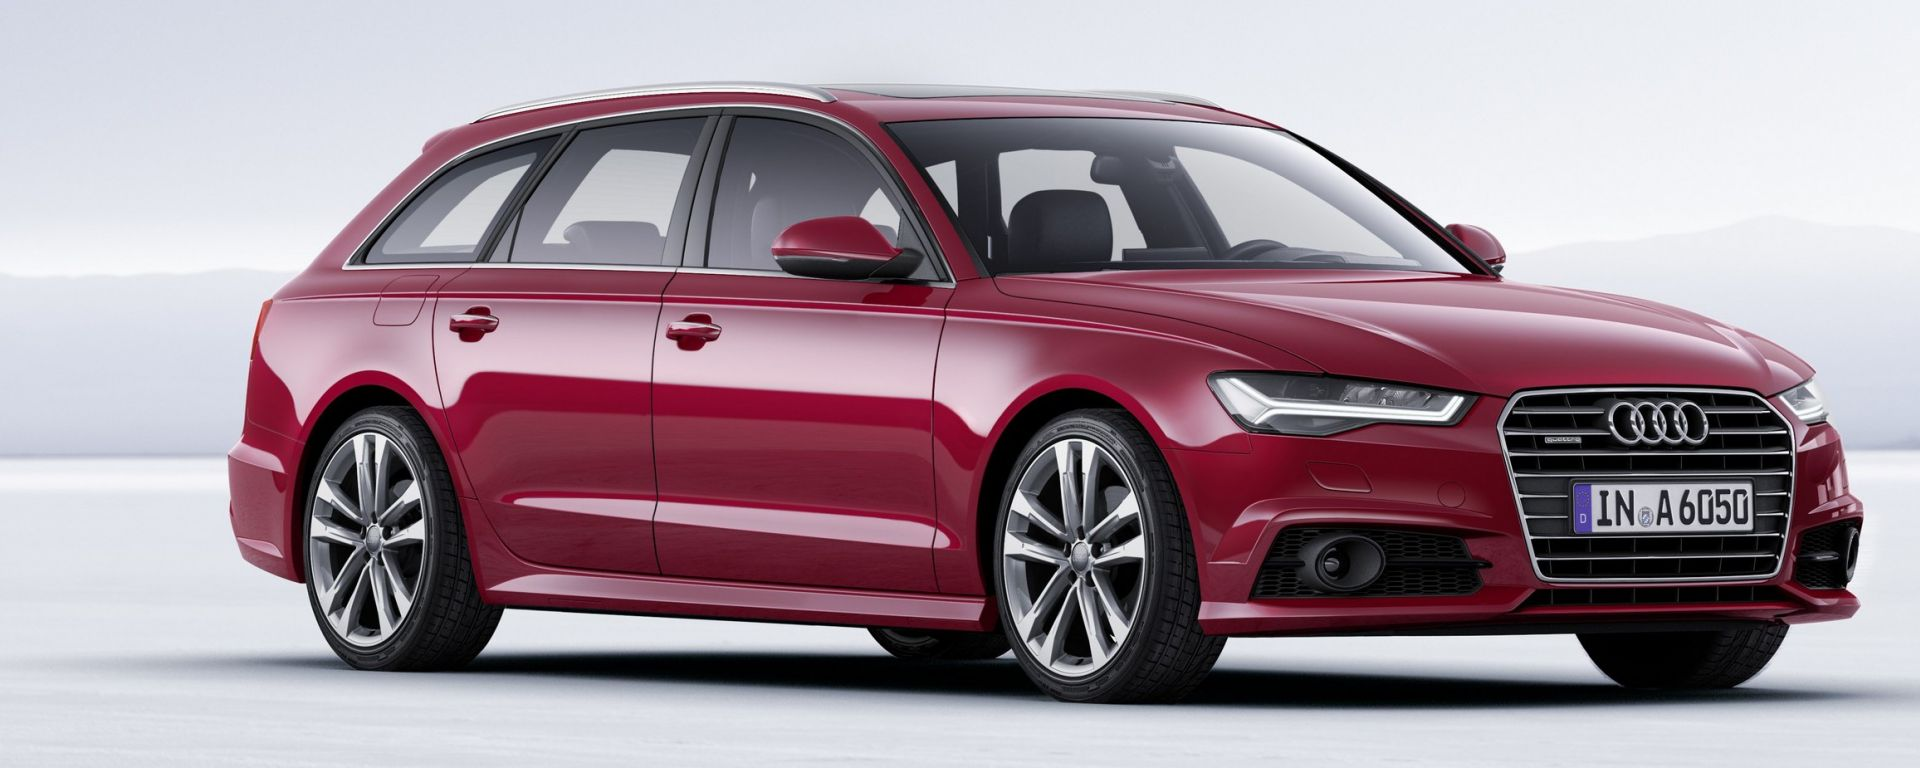 Audi A6 Avant my 2017, i nuovi cerchi in lega